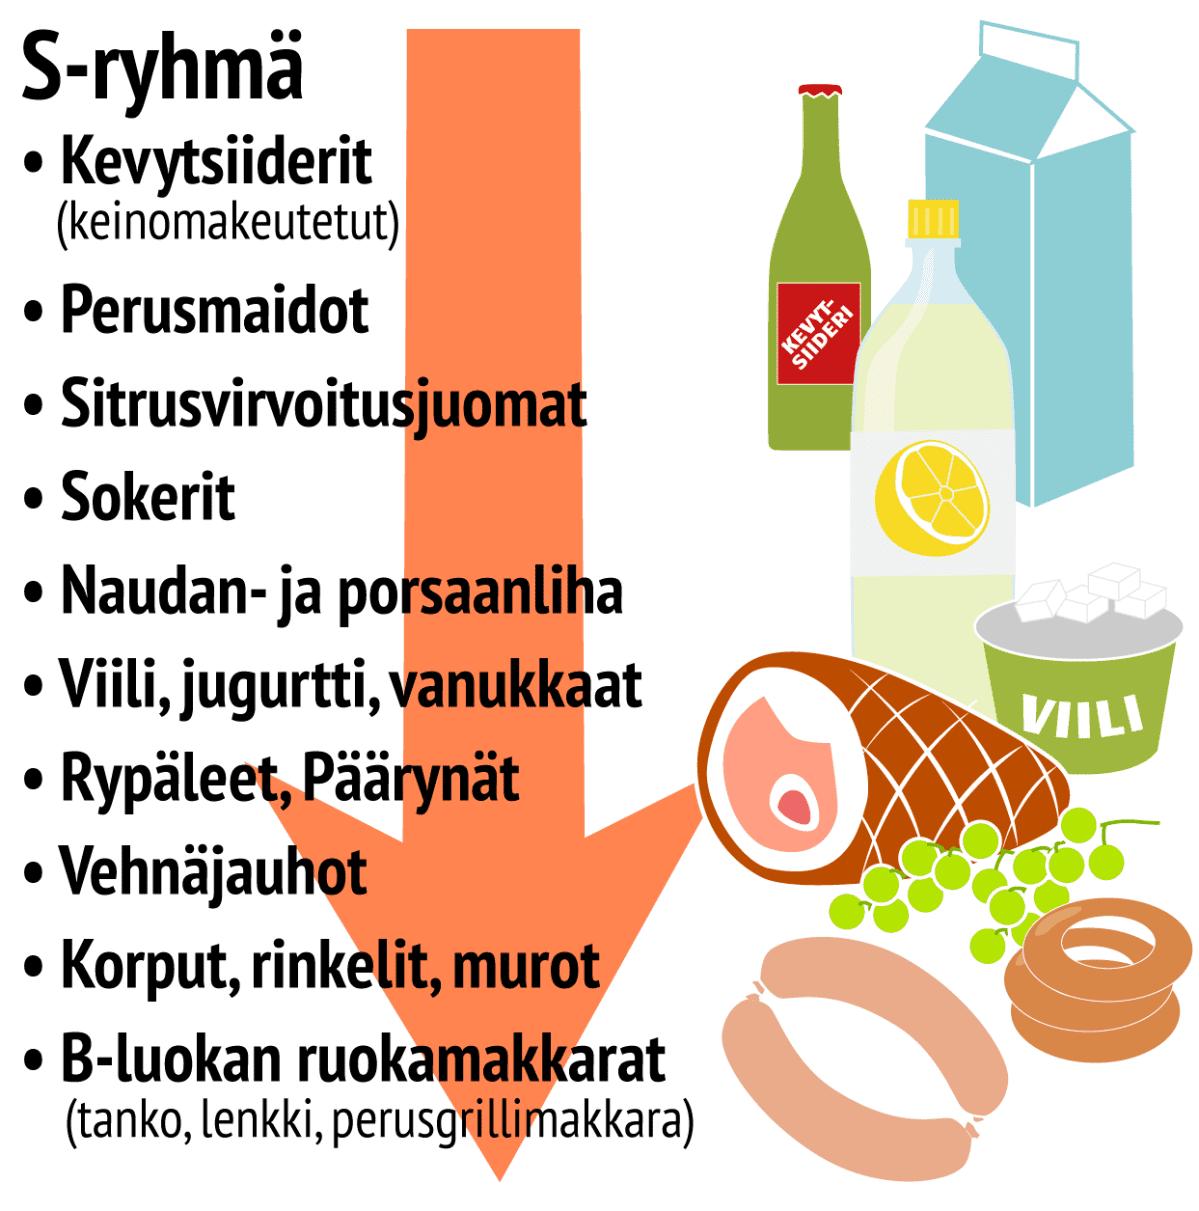 Ruokatrendit S-ryhmän laskussa olevat tuotteet